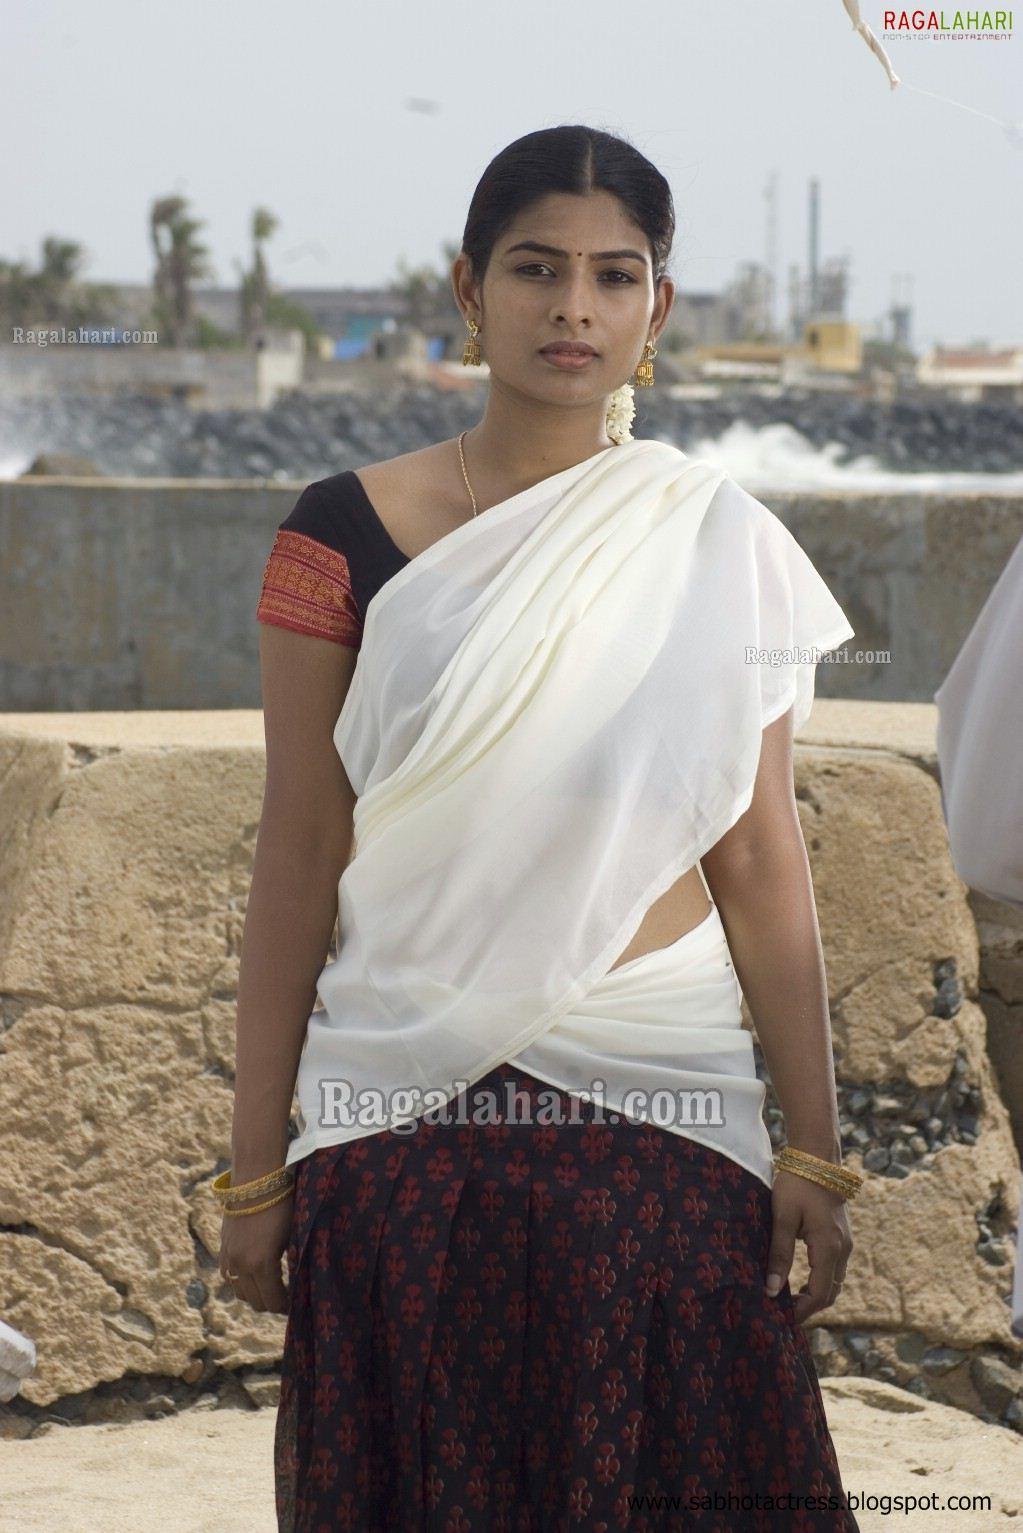 Unseen Tamil Actress Images Pics Hot: isaiaruvi maheshwari